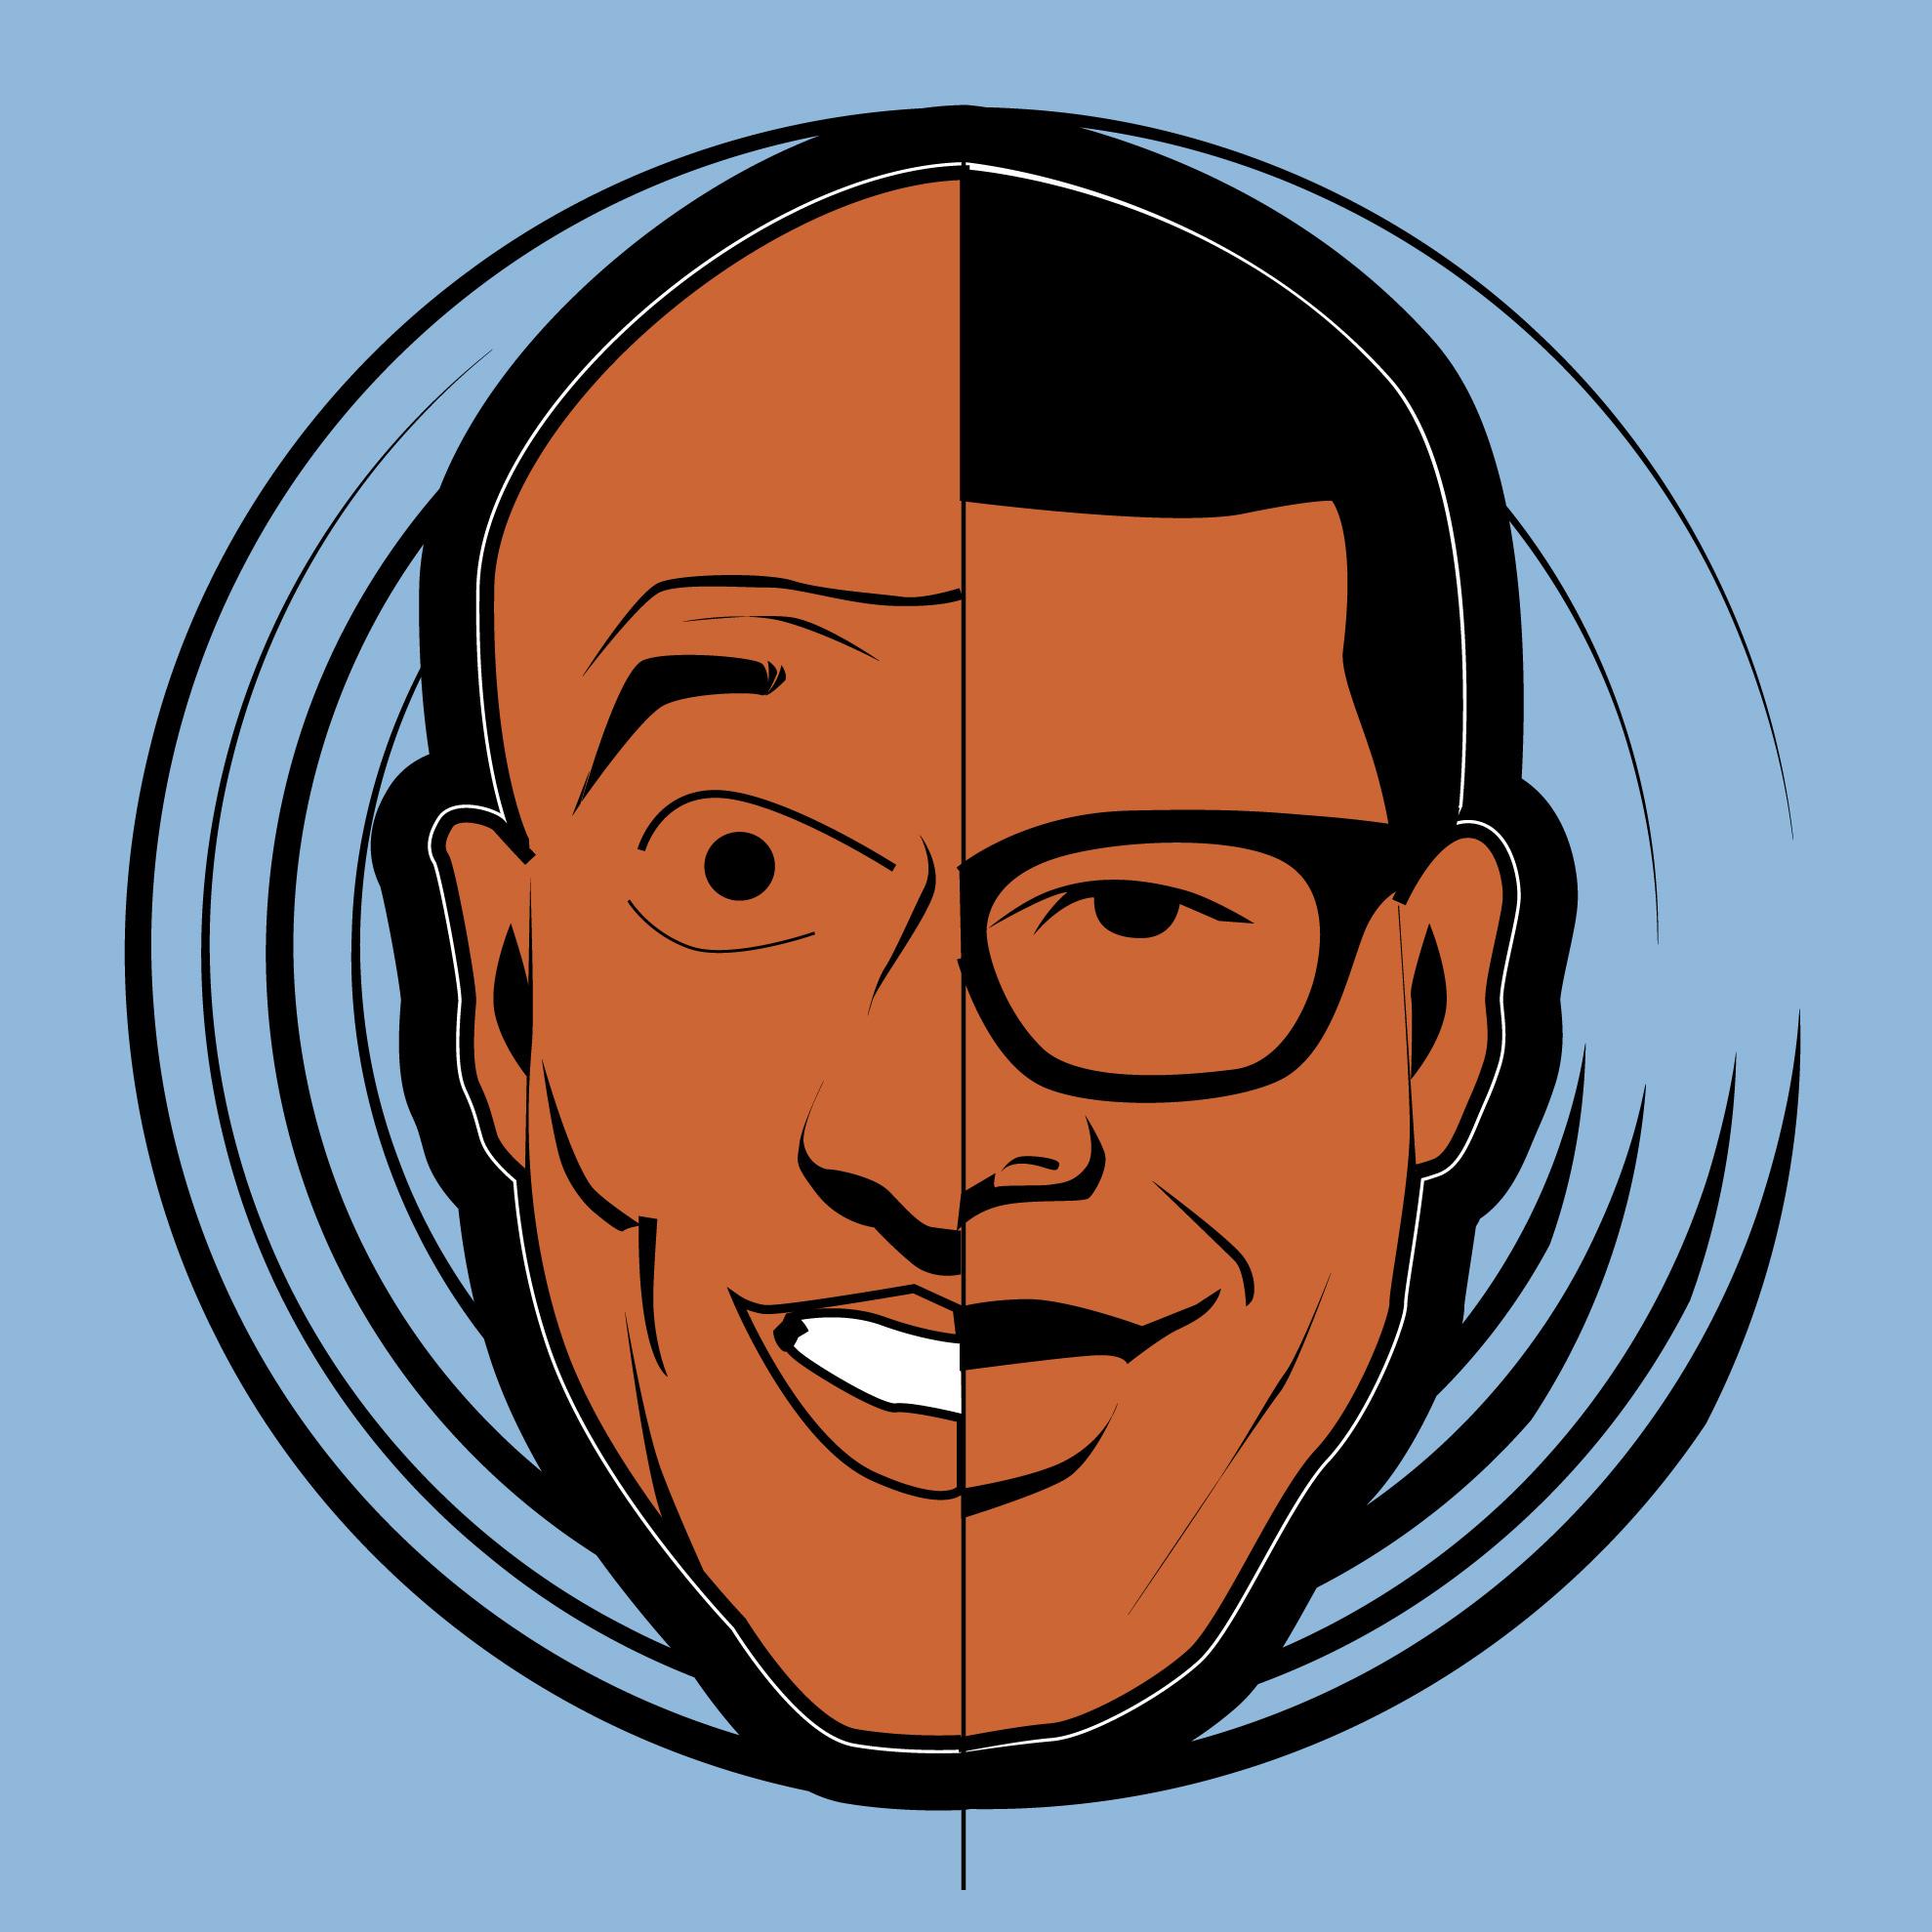 Zen masters of comedy